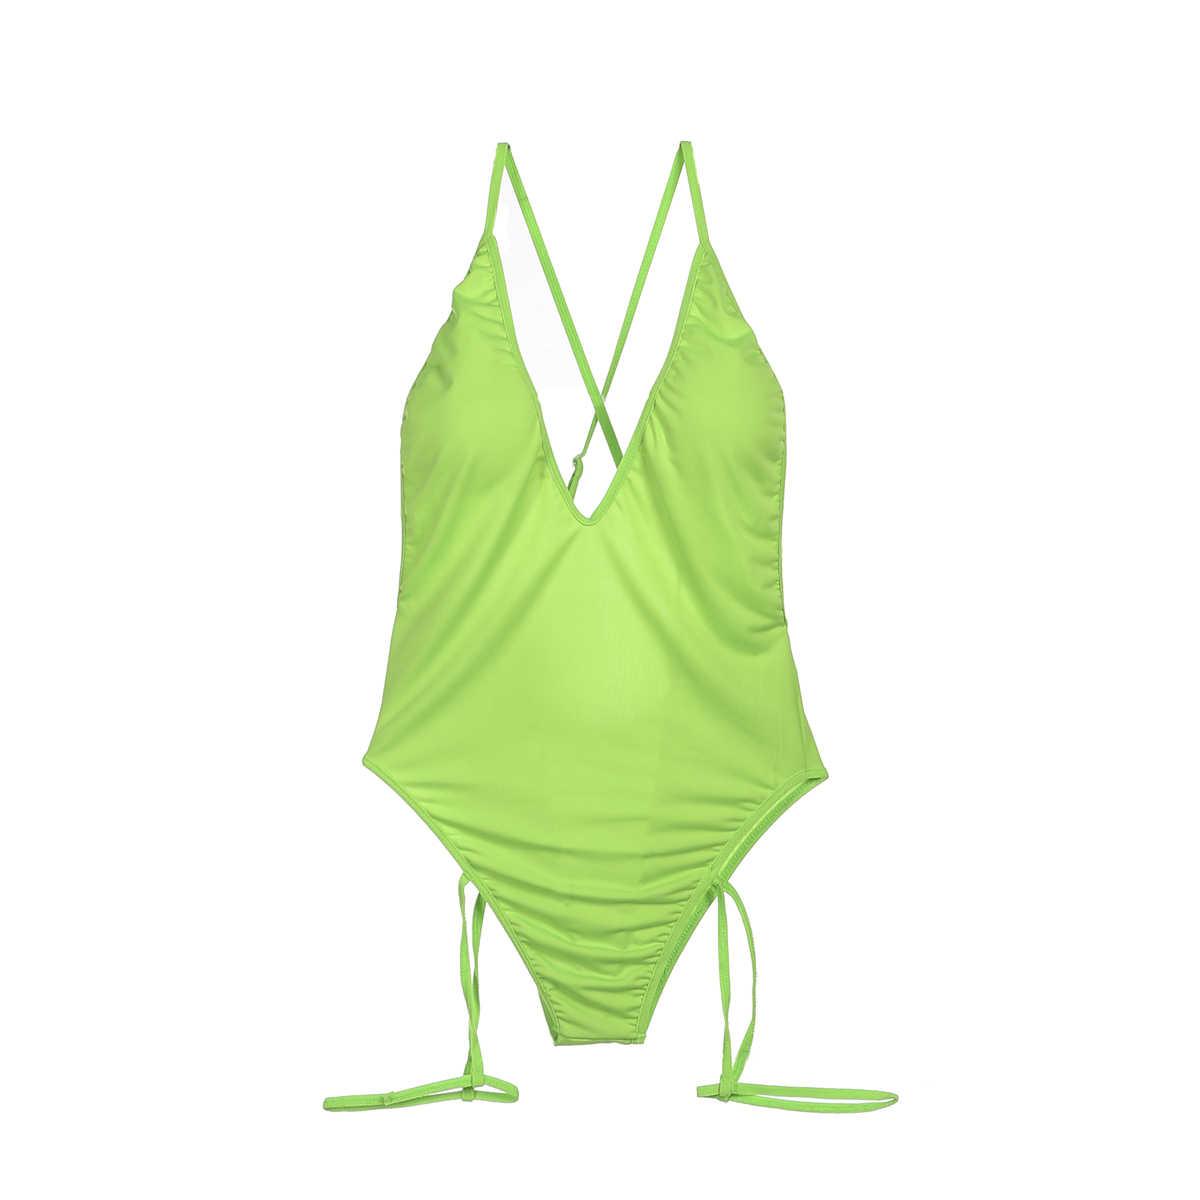 Verano sexy de una sola pieza mujeres cuello en V traje de baño vendaje Bikini push-up acolchado espalda descubierta Monokini traje de baño trajes de playa